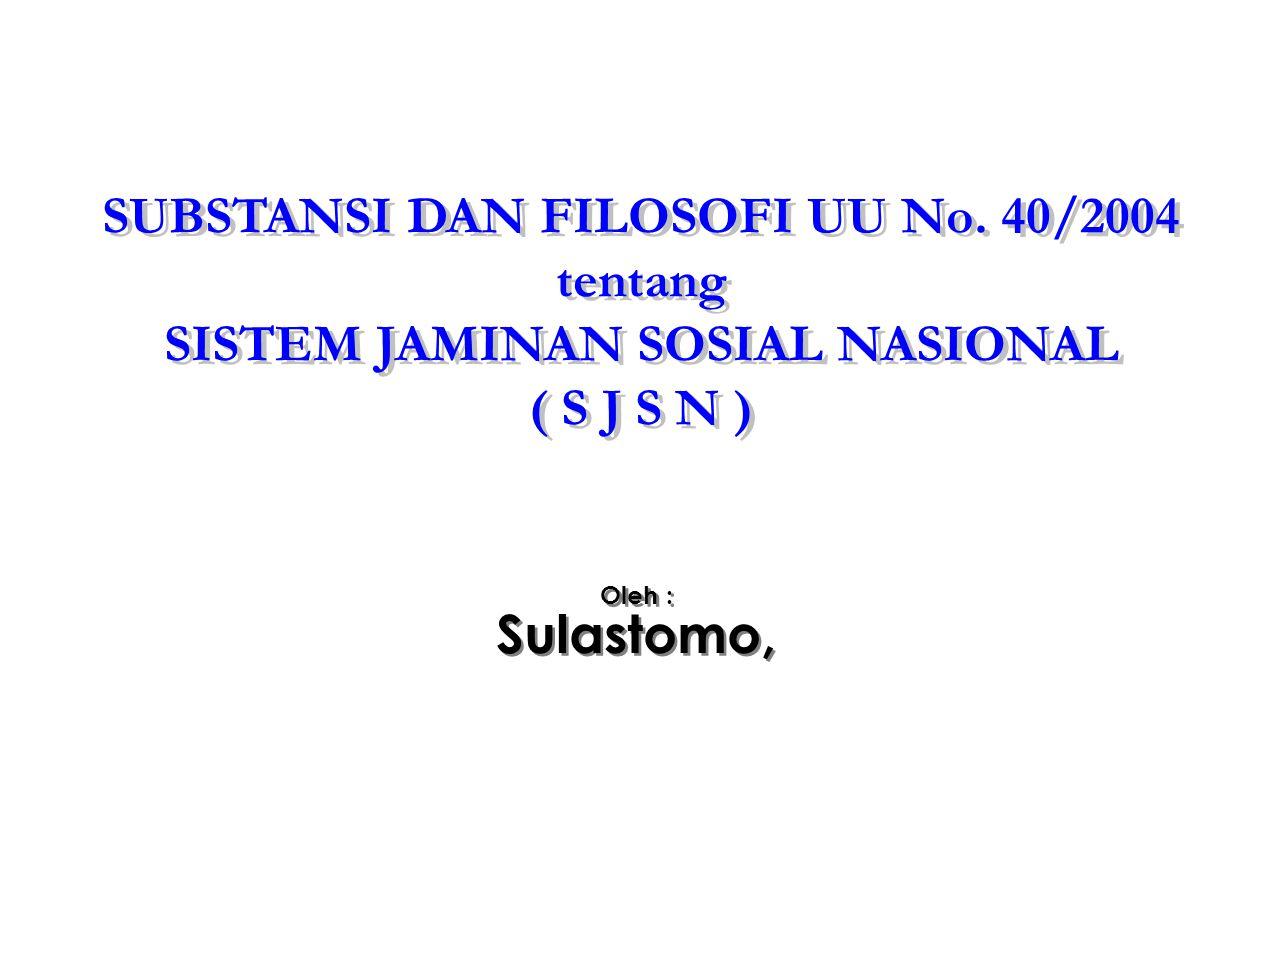 SUBSTANSI DAN FILOSOFI UU No. 40/2004 tentang